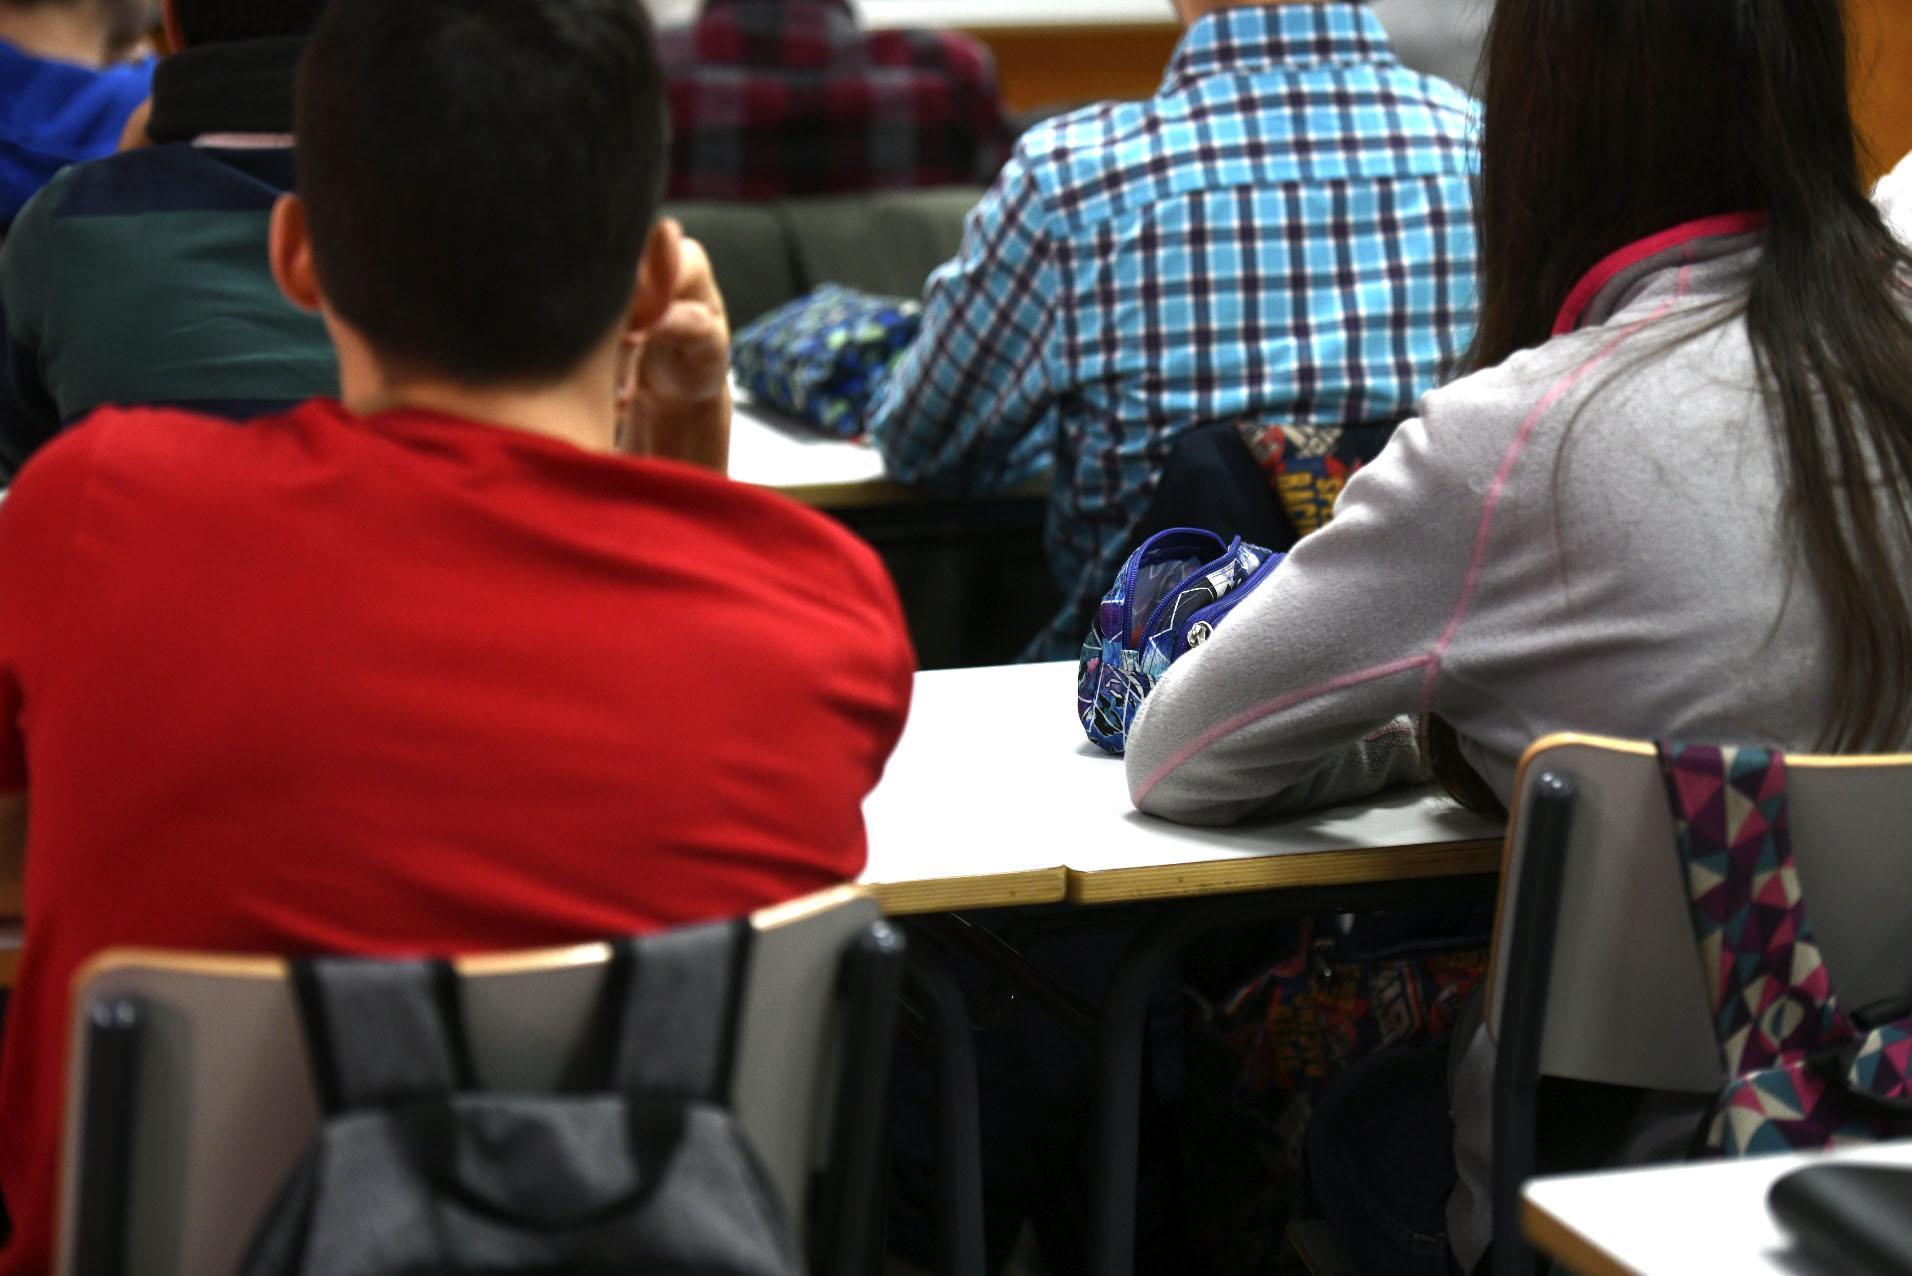 Aumenta la desigualdad en educación: la mitad de los alumnos pobres repiten curso